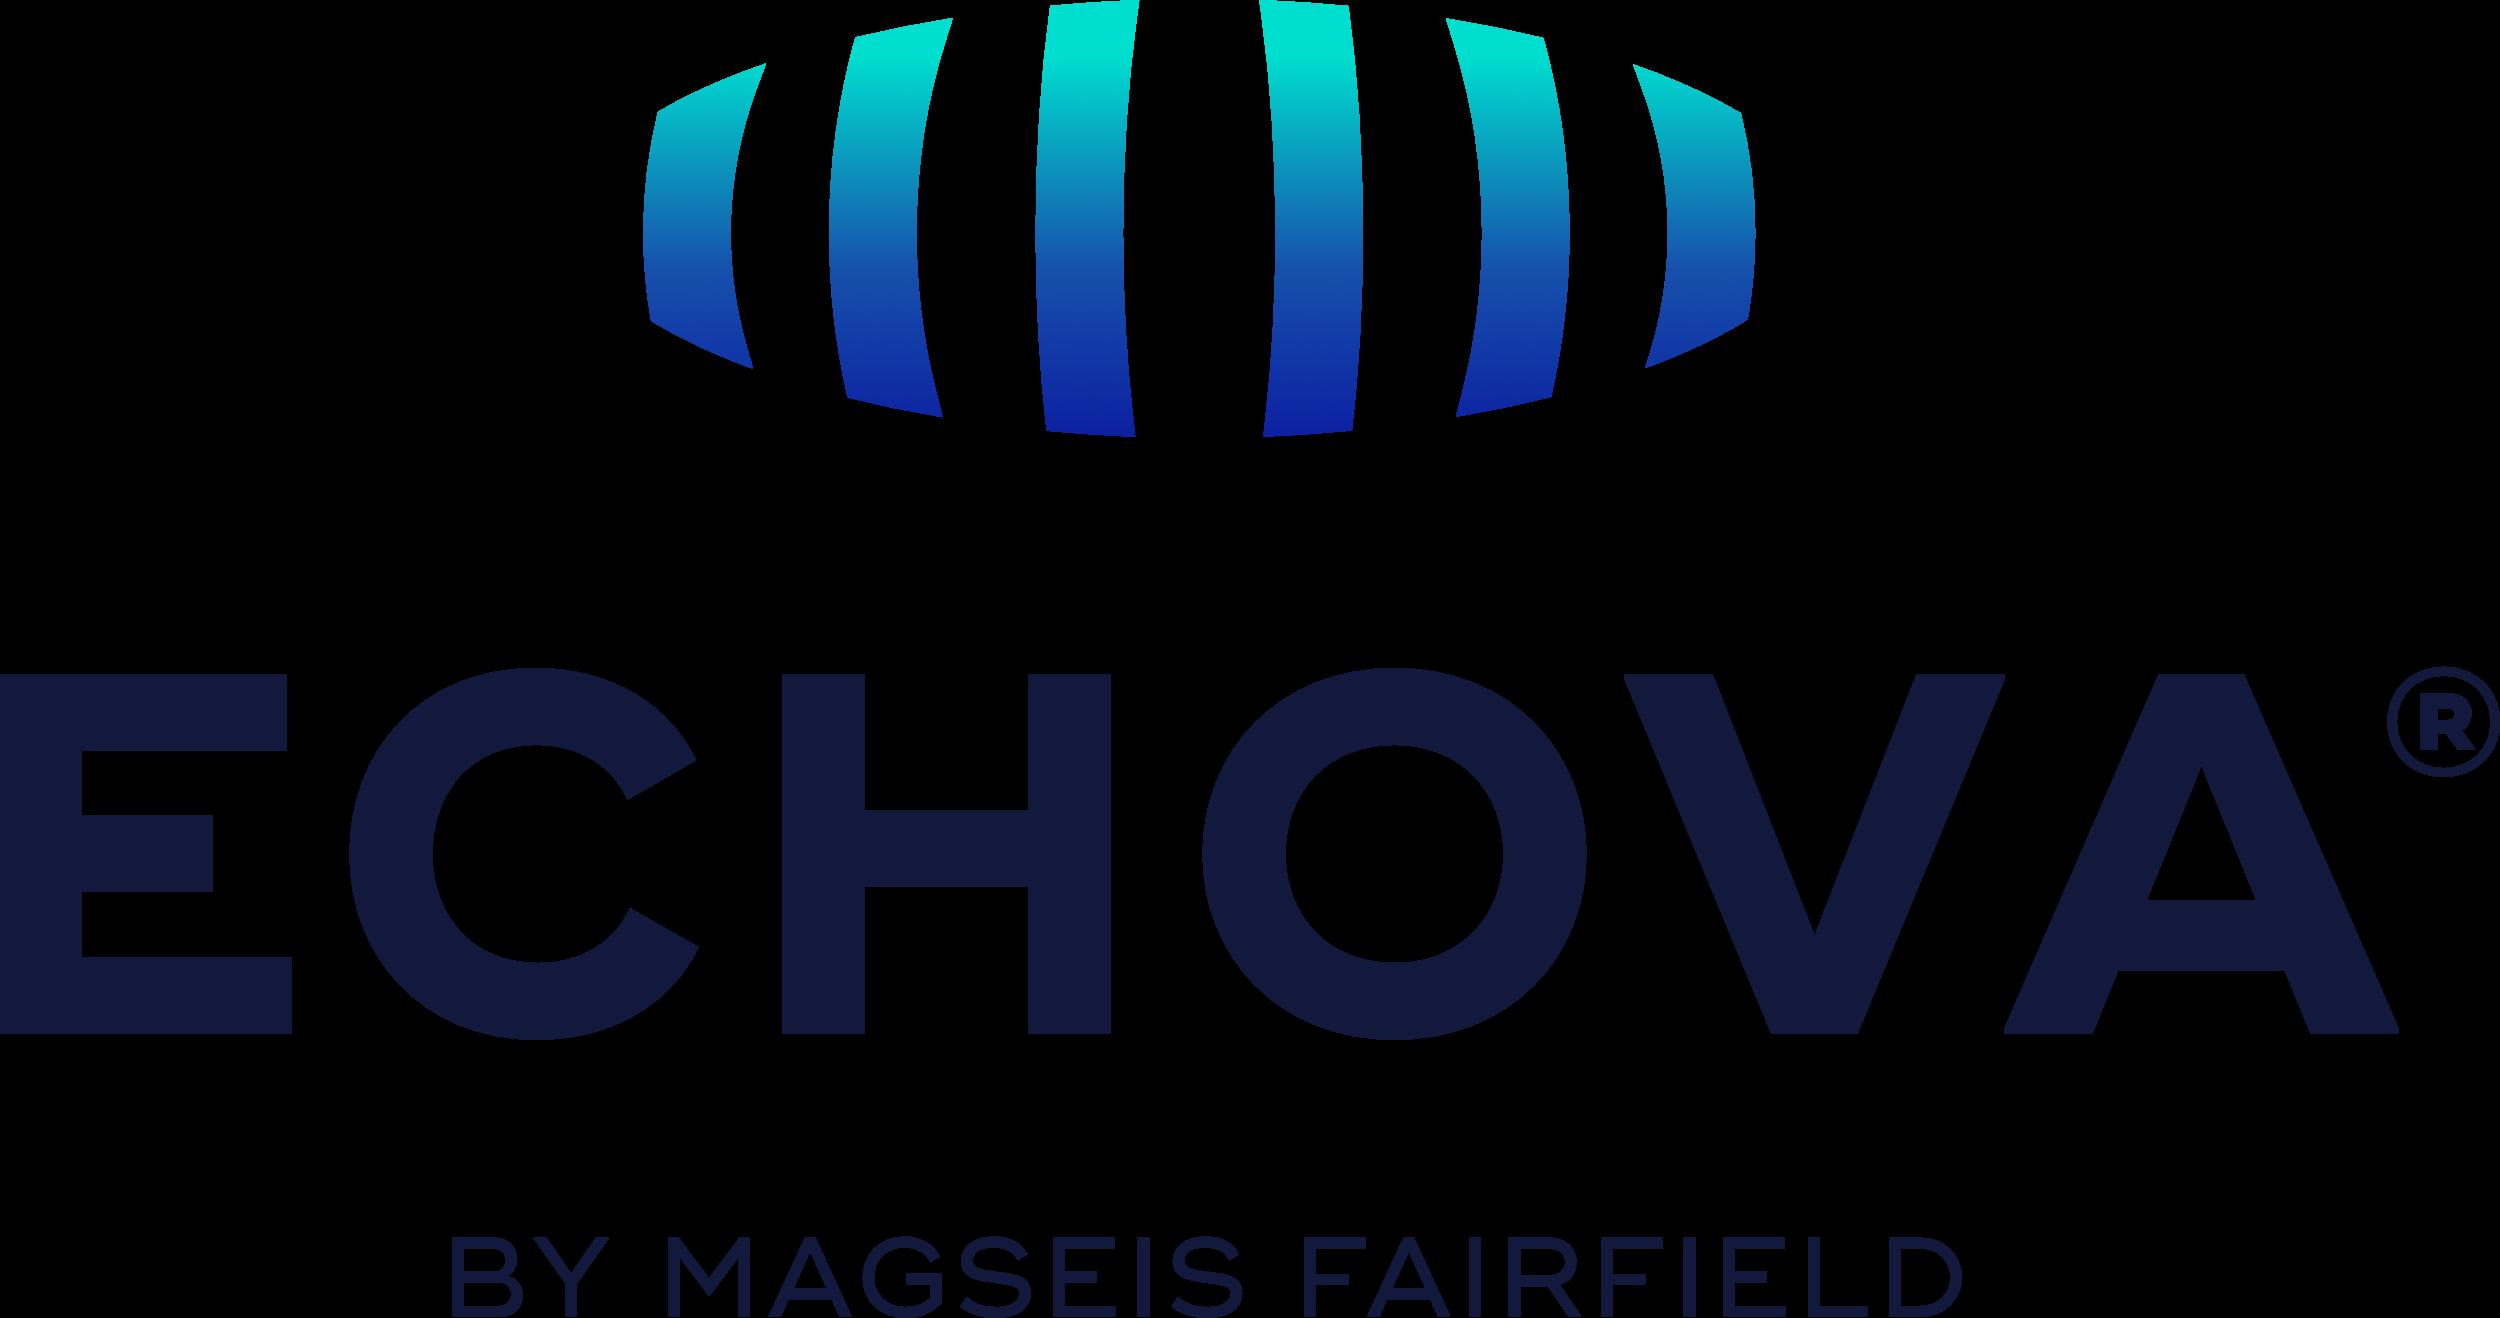 Echova logo